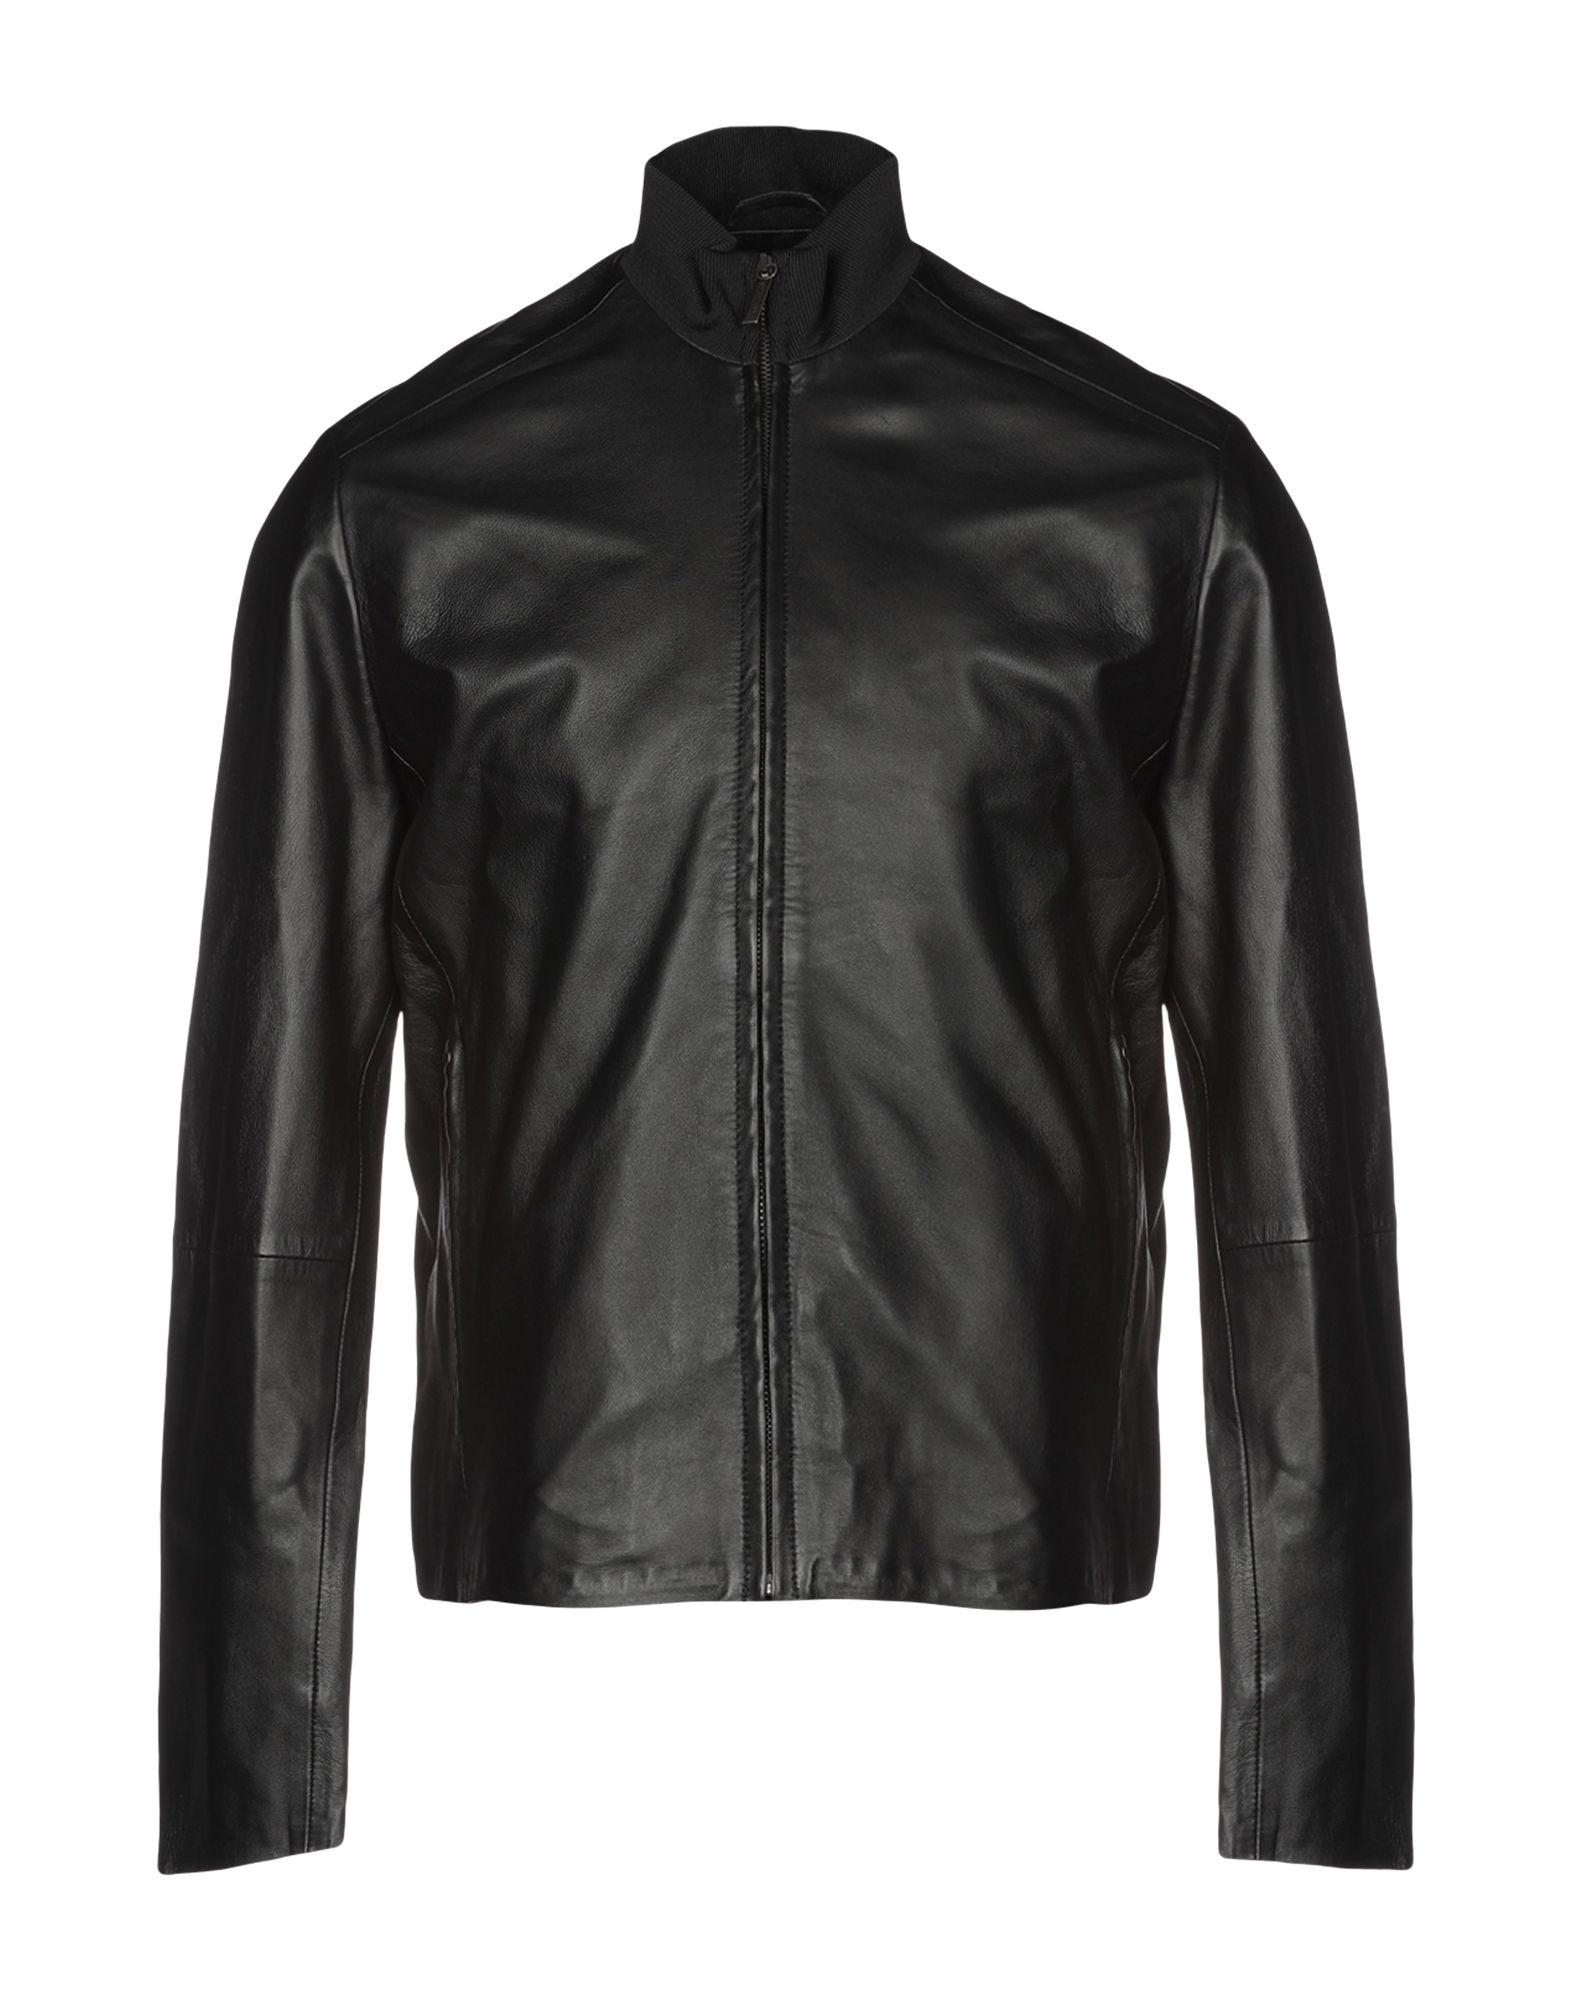 BIKKEMBERGS Jackets in Black